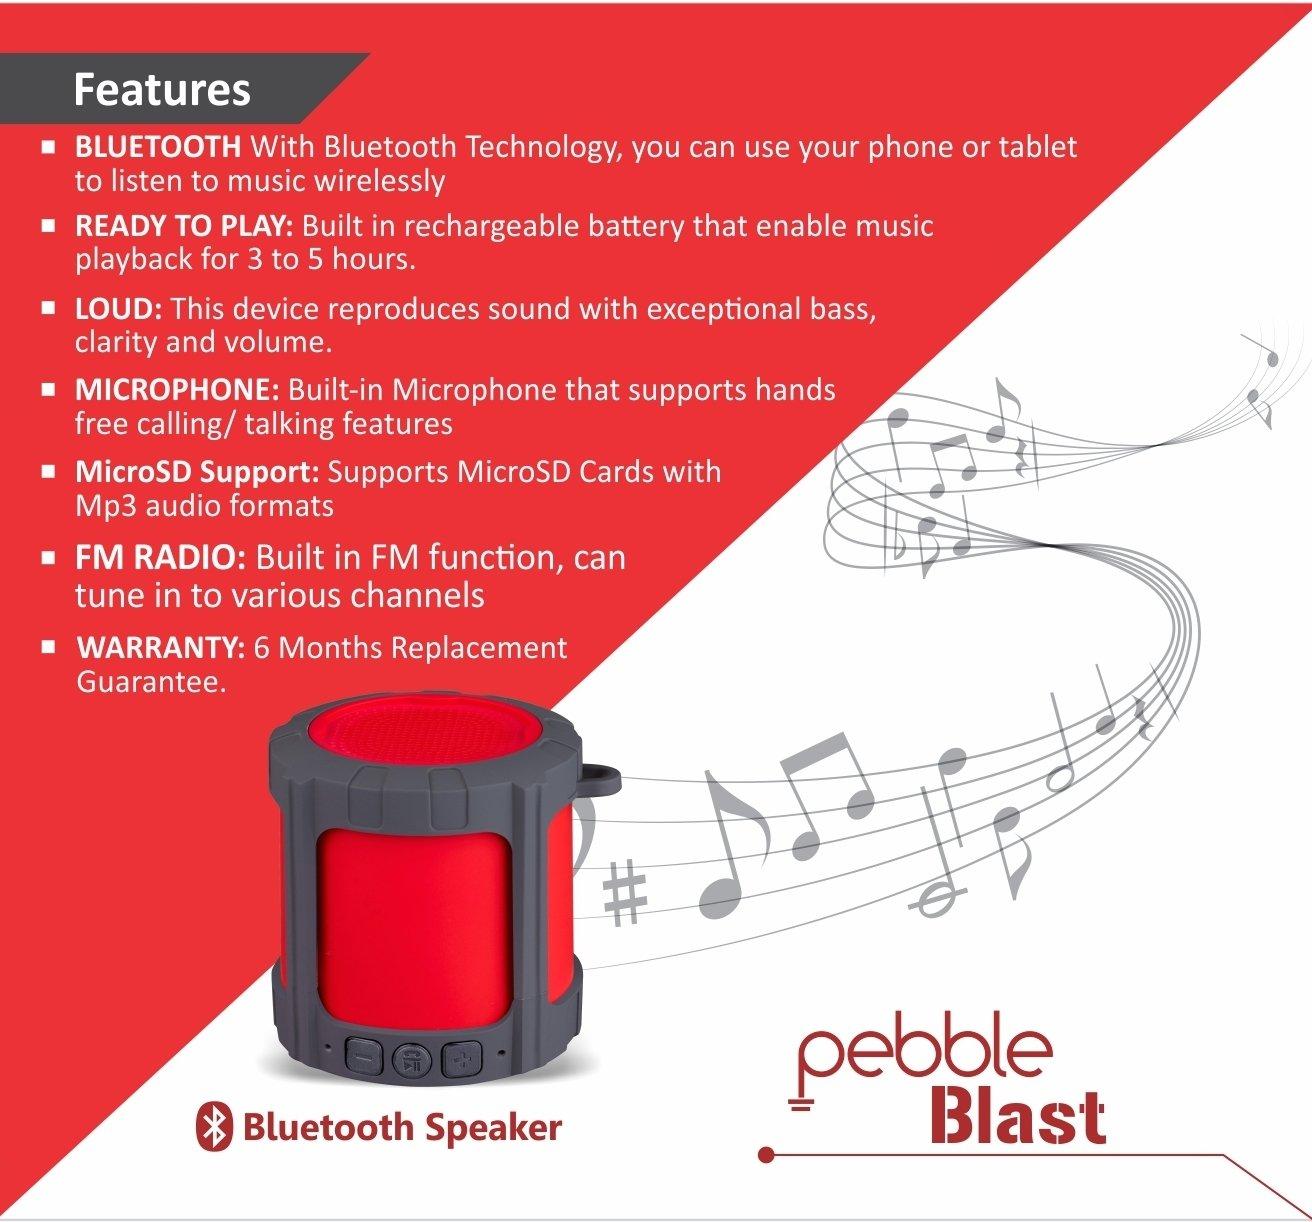 Skullcandy Earbud Wiring Diagram Schematic Diagrams Jukebox Bluetooth Speakers Complete U2022 1 8 Headphone Jack